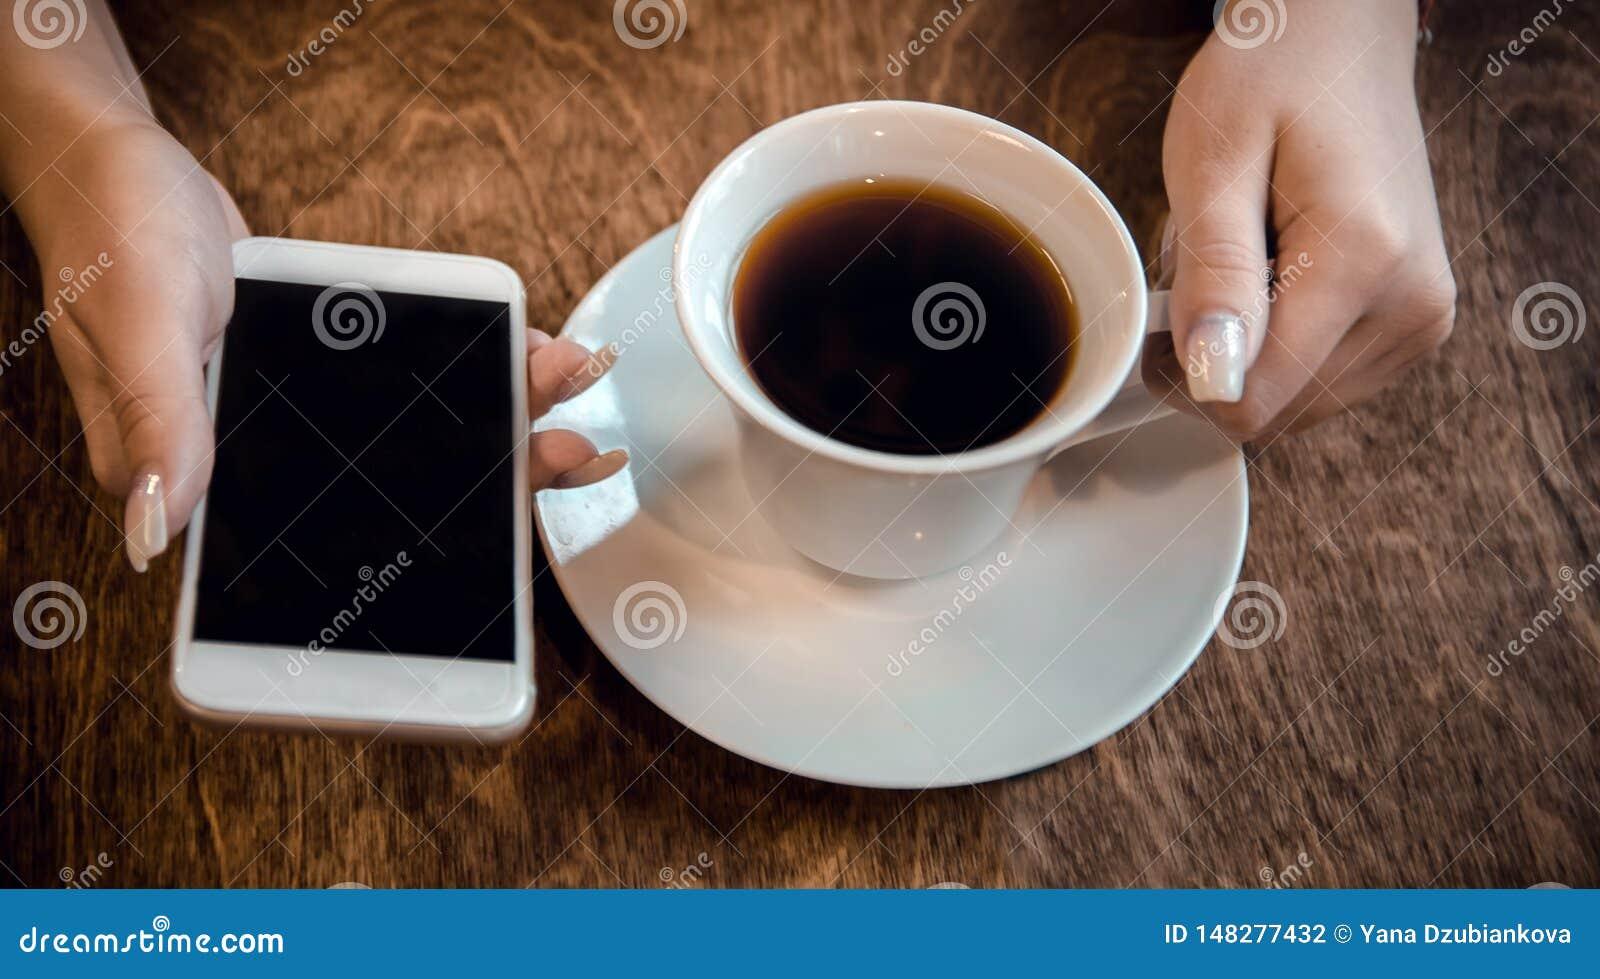 Het meisje zit in een koffie en houdt een kop thee en een telefoon in haar handen, wachtend op een vraag